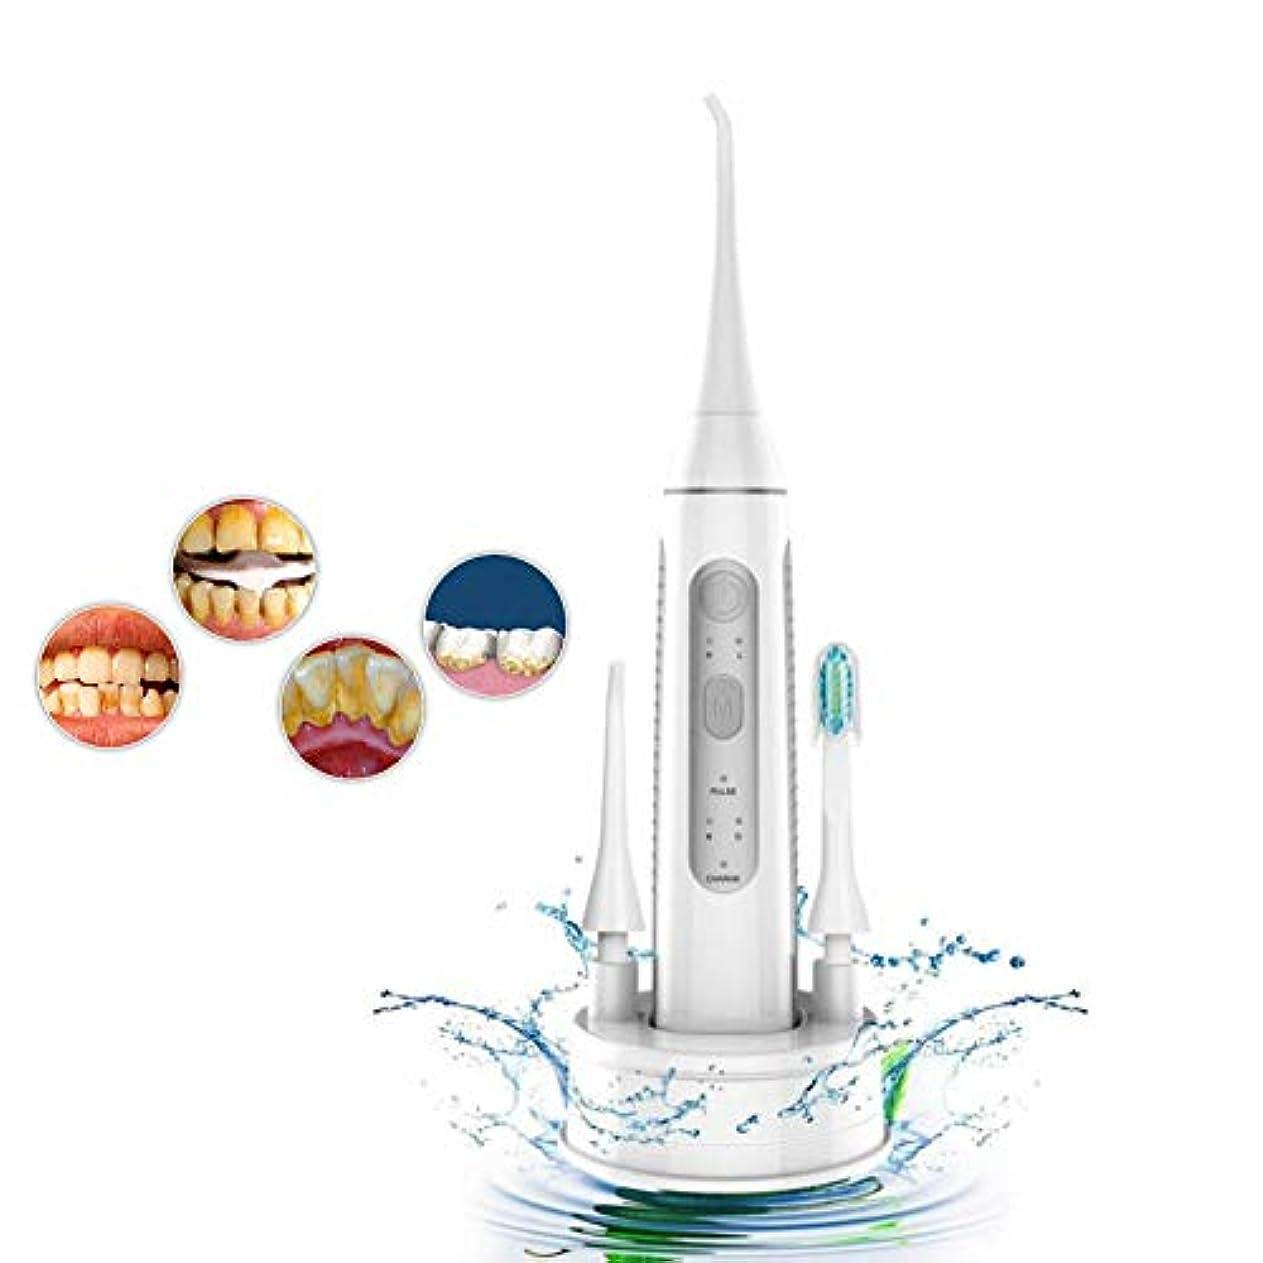 明るくするブレンドゾーン超音波電動歯サーファー、2 in 1口腔ケア歯磨き粉機器ホームポータブルウォーターフロス歯のクリーニング機3モード大人と子供に適して,Gray